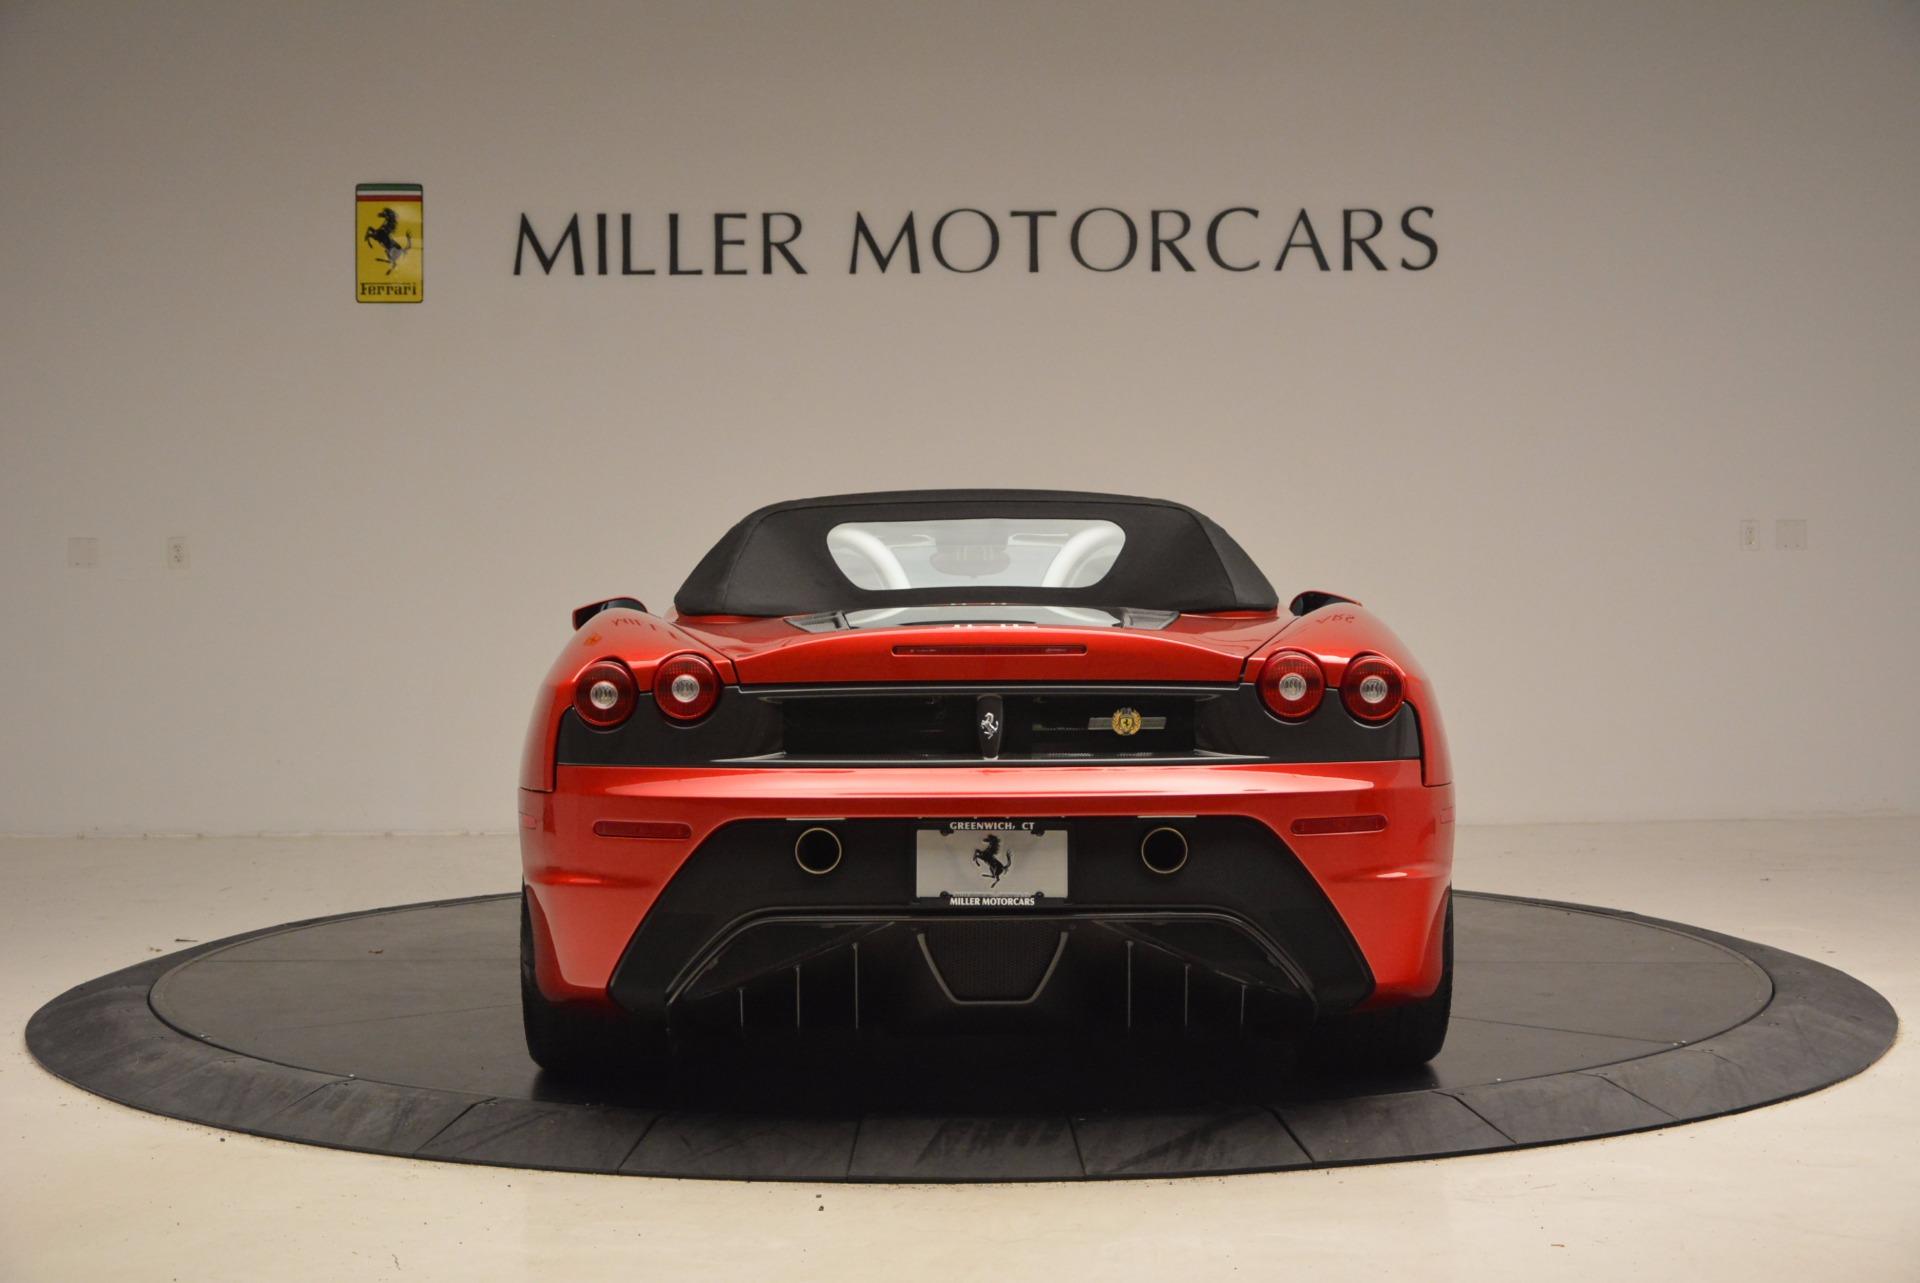 Used 2009 Ferrari F430 Scuderia 16M For Sale In Greenwich, CT 1398_p18